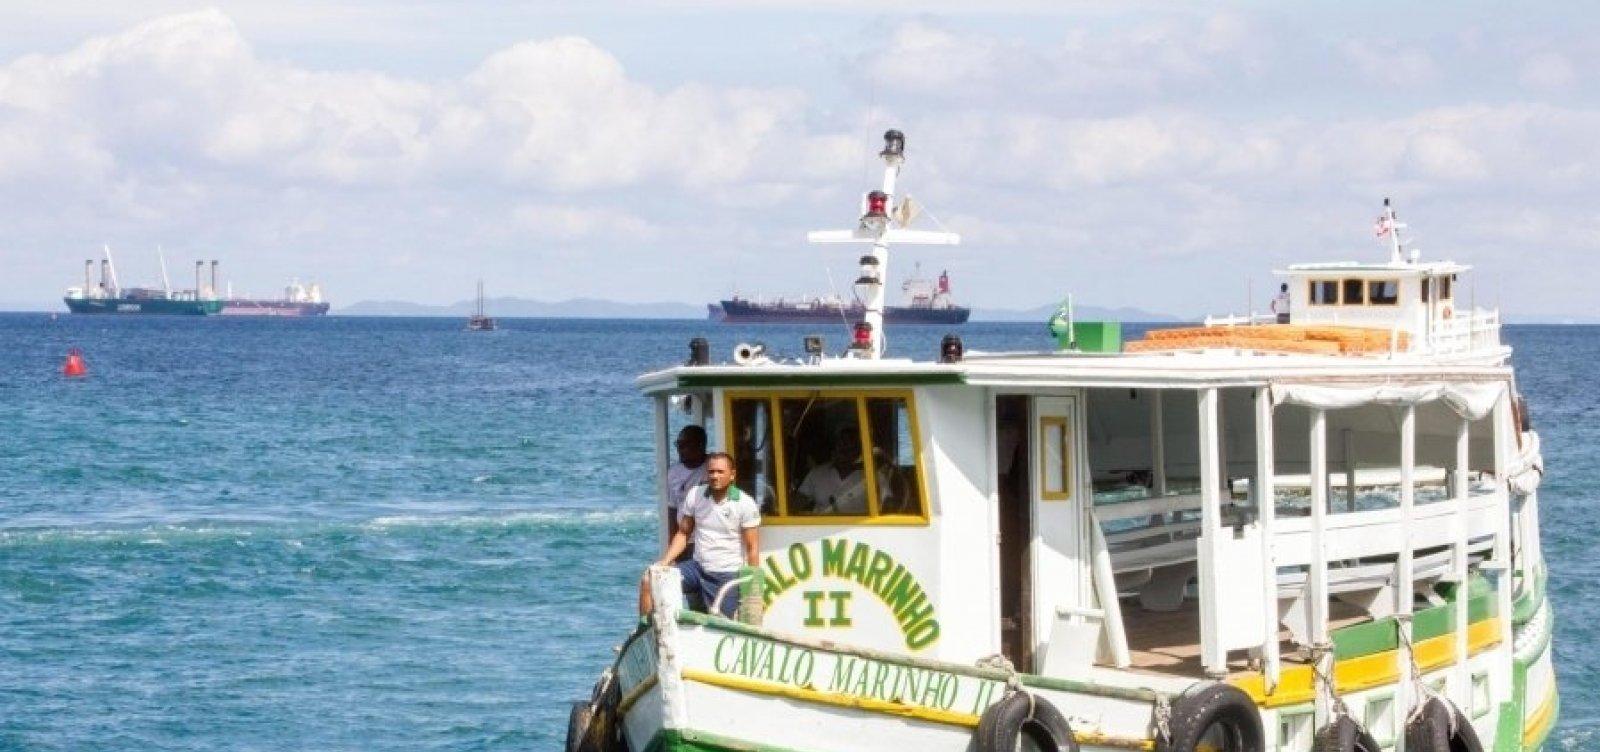 [Pelo 3º dia seguido, travessia Salvador-Mar Grande é encerrada mais cedo devido à maré baixa]